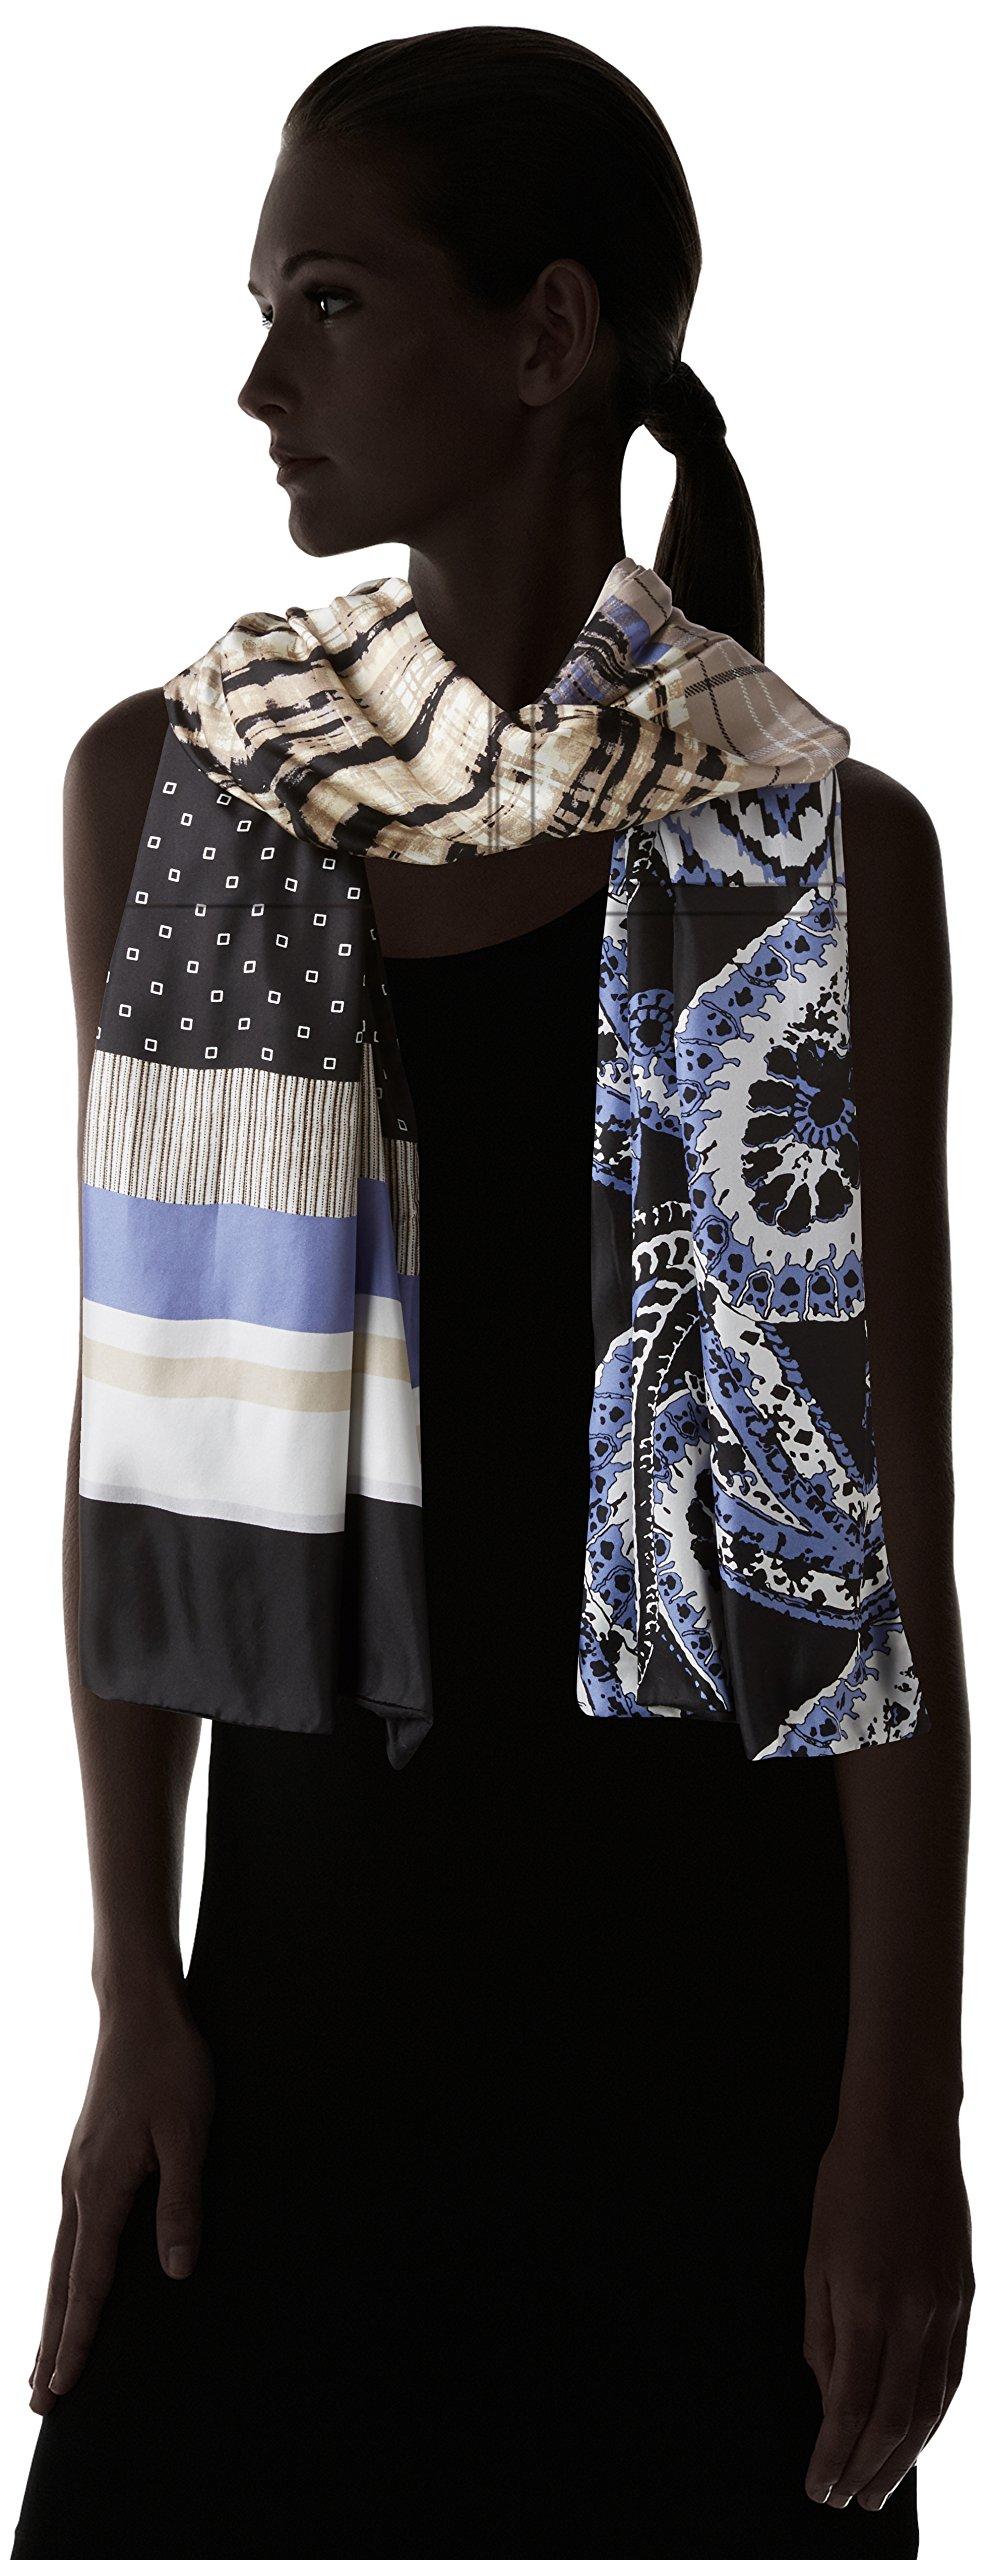 Bcbgmaxazria Women's Patchwork Wrap, Blue Depths, One Size by BCBGMAXAZRIA (Image #3)